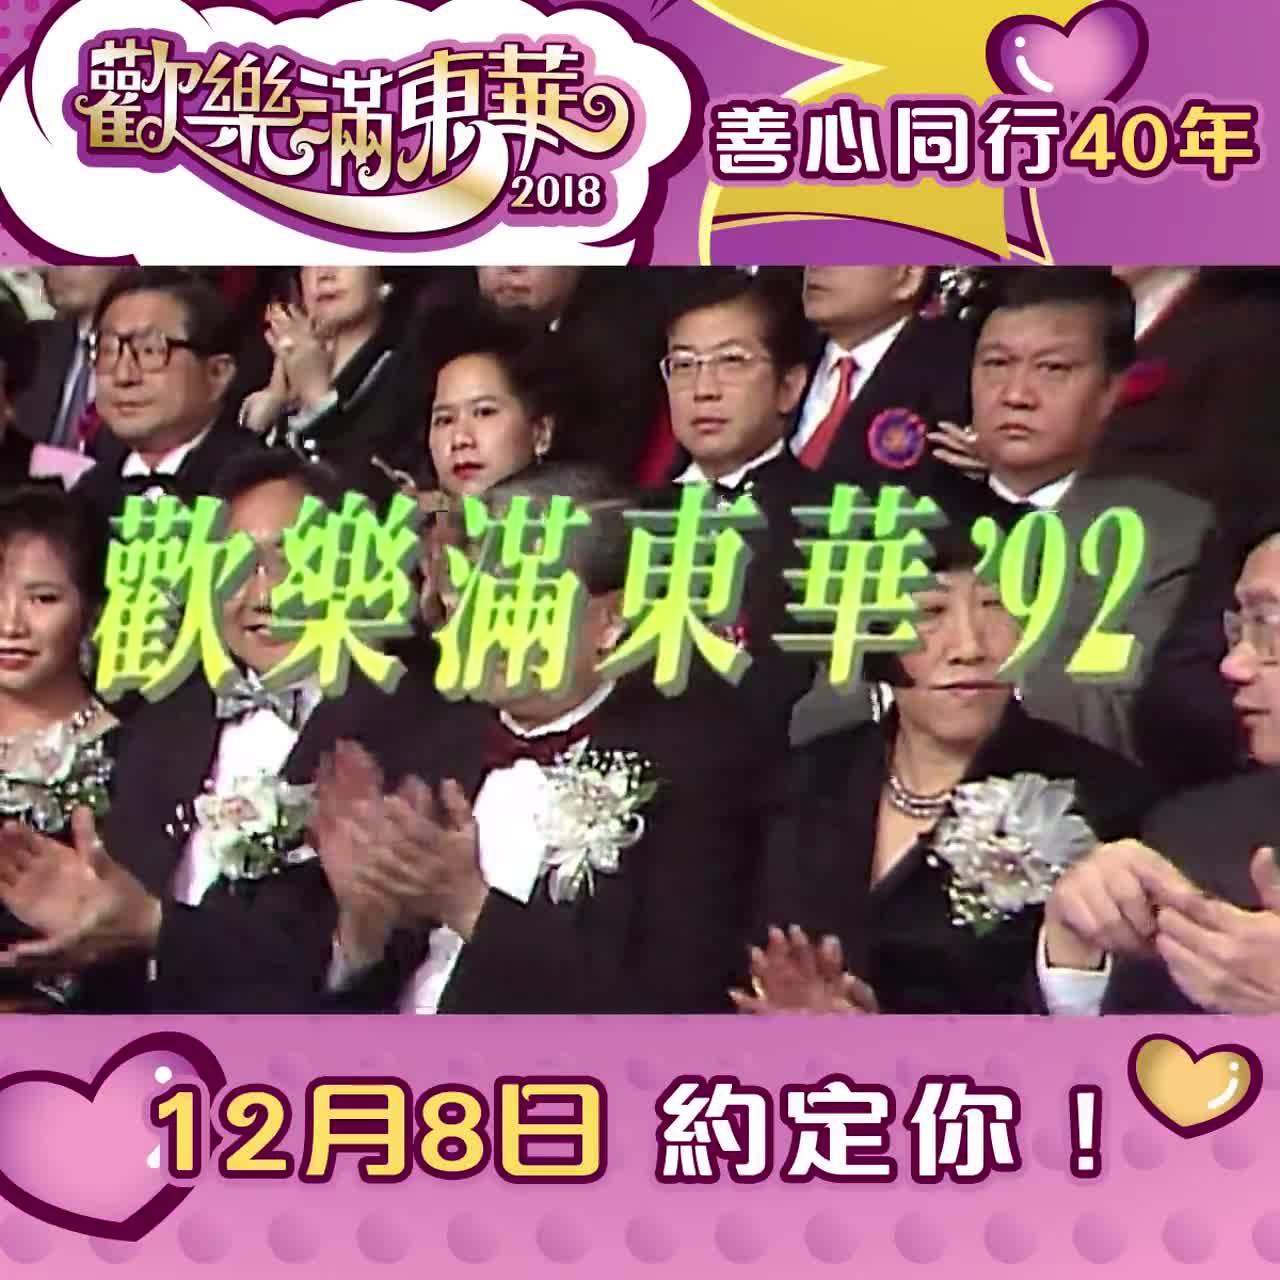 劉嘉玲冰震籌款